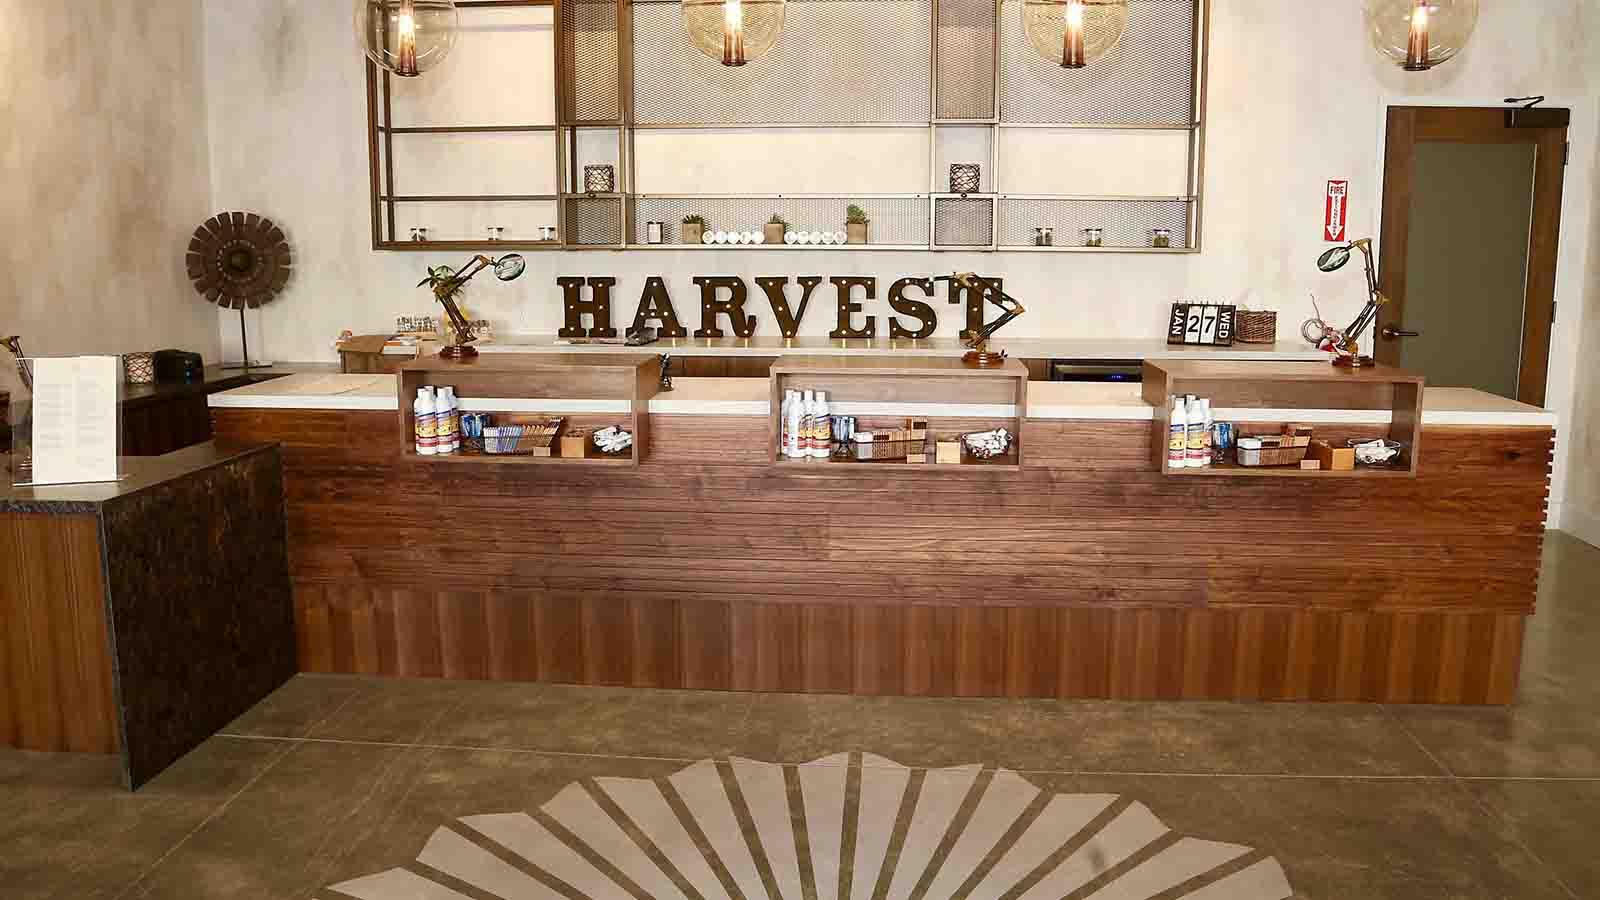 Harvest in SanFrancisco